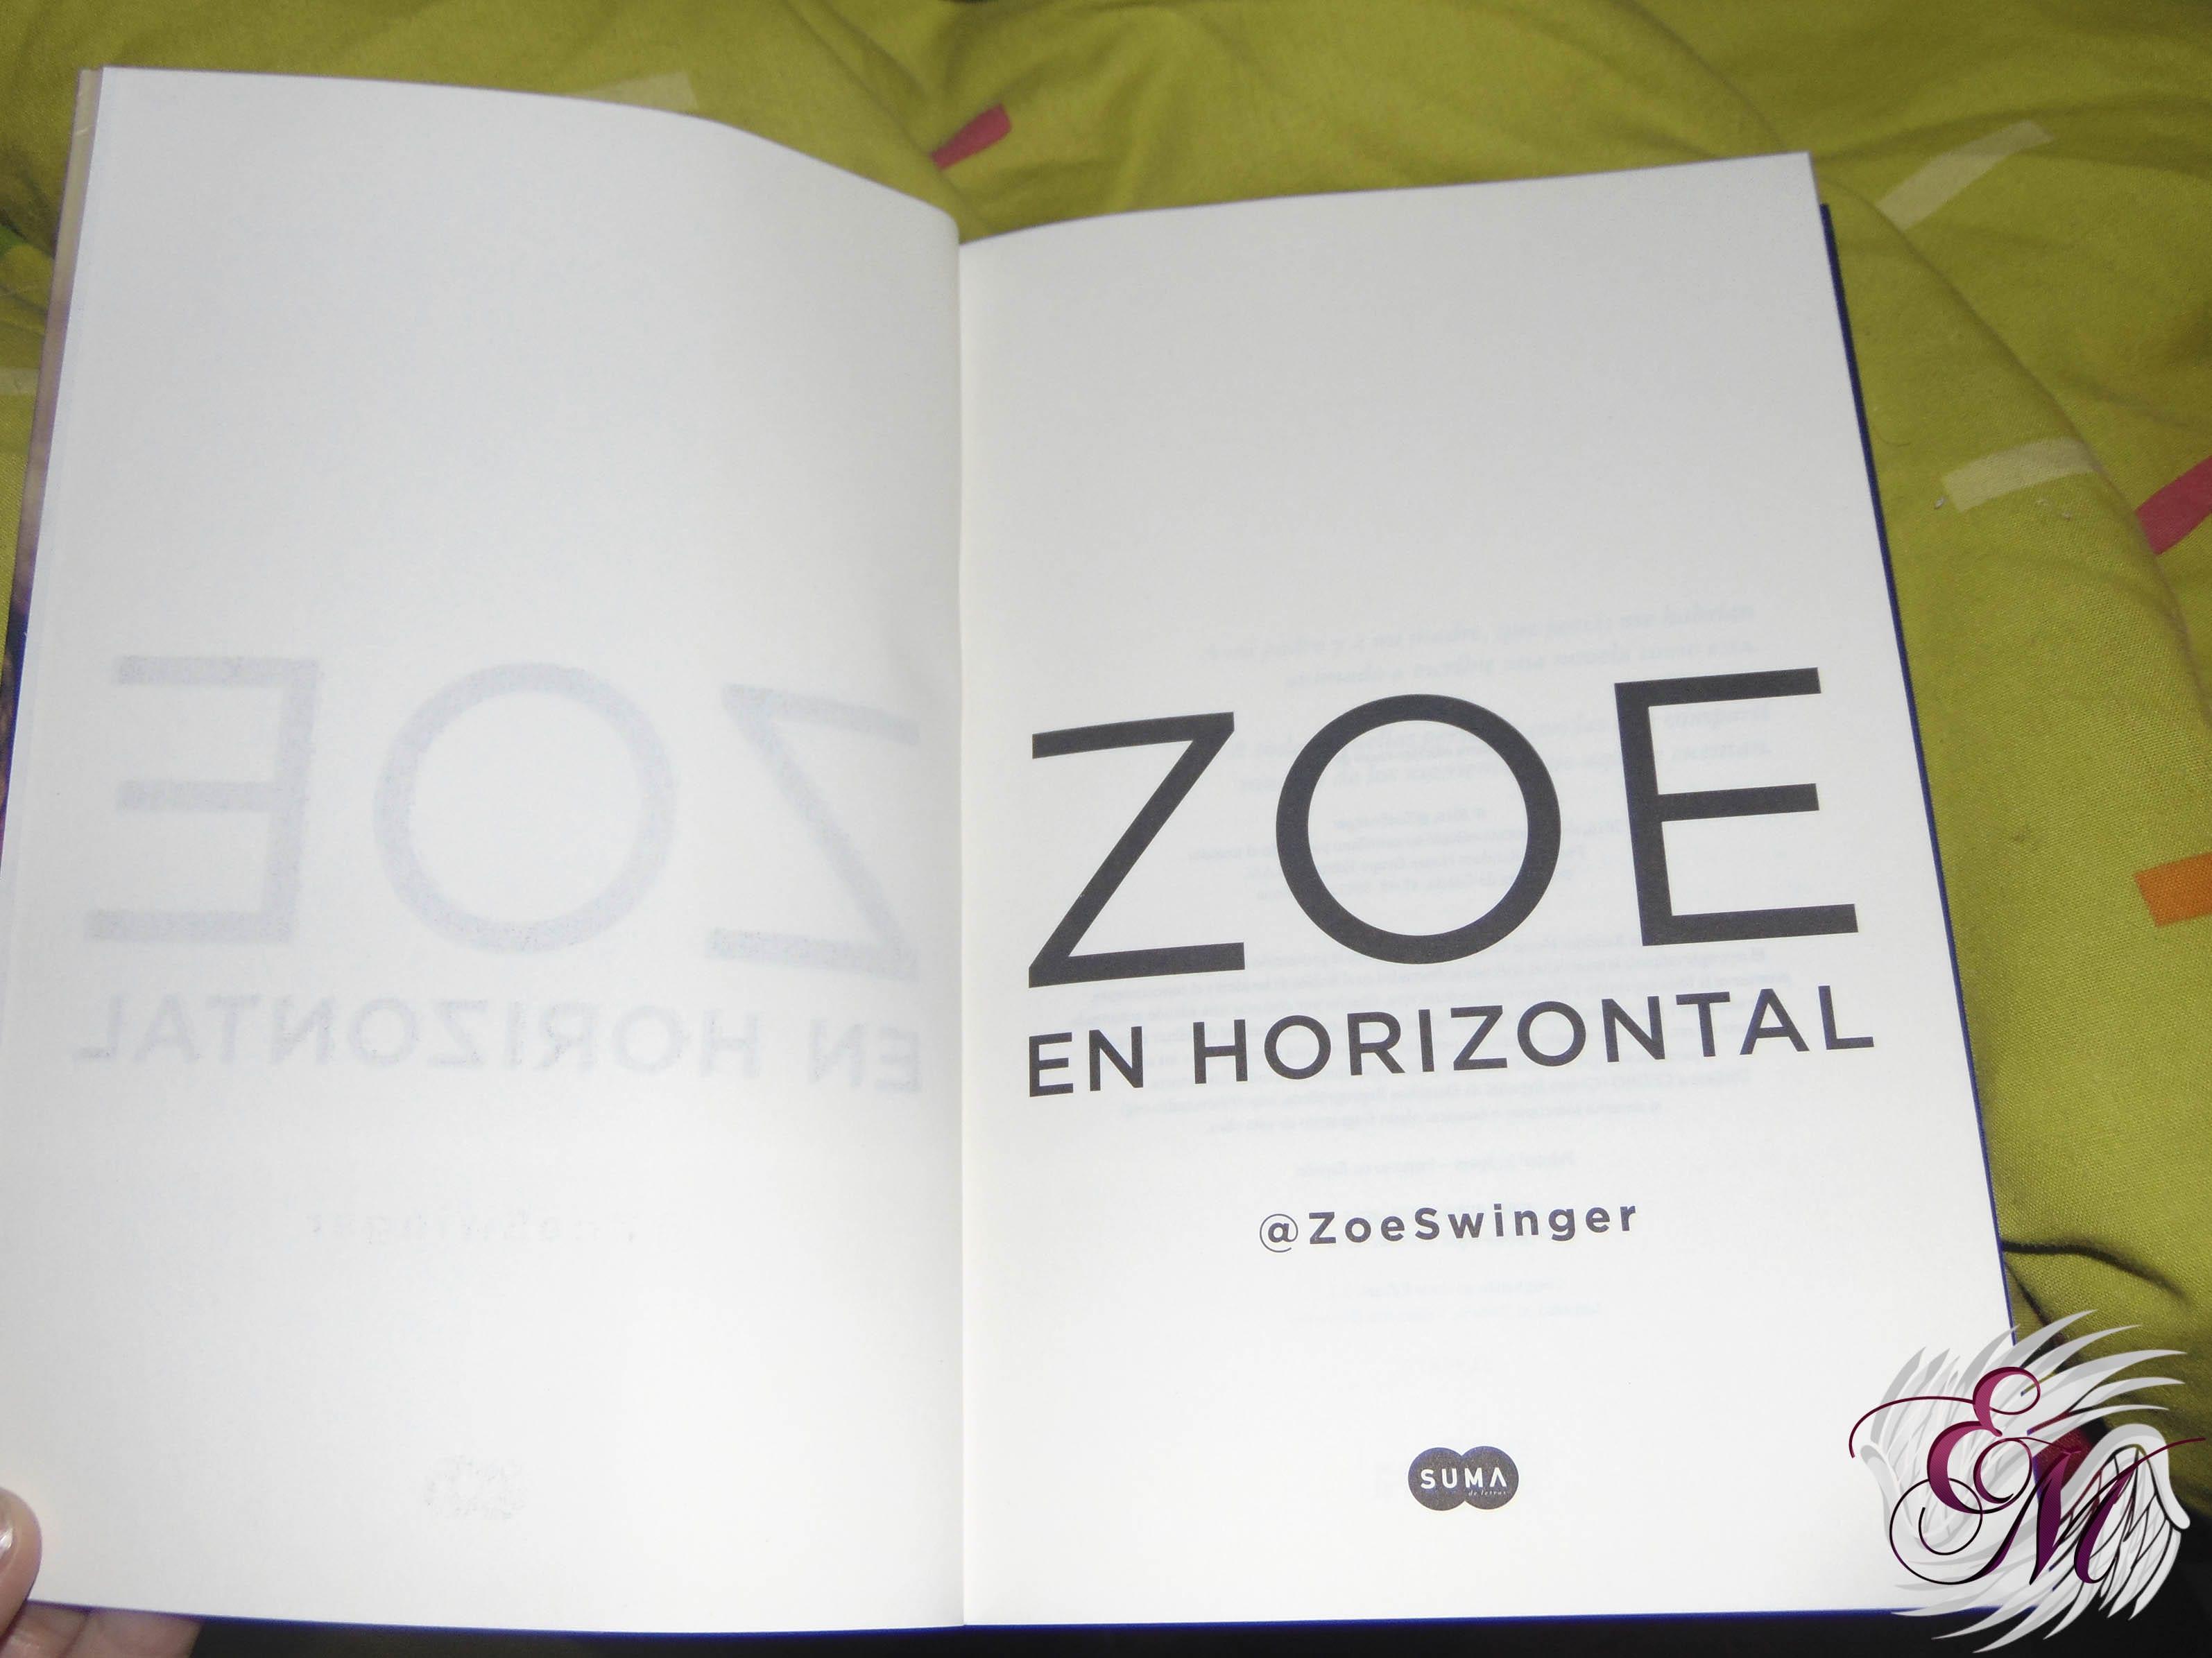 Zoe en horizontal, de ZoeSwinger - Reseña